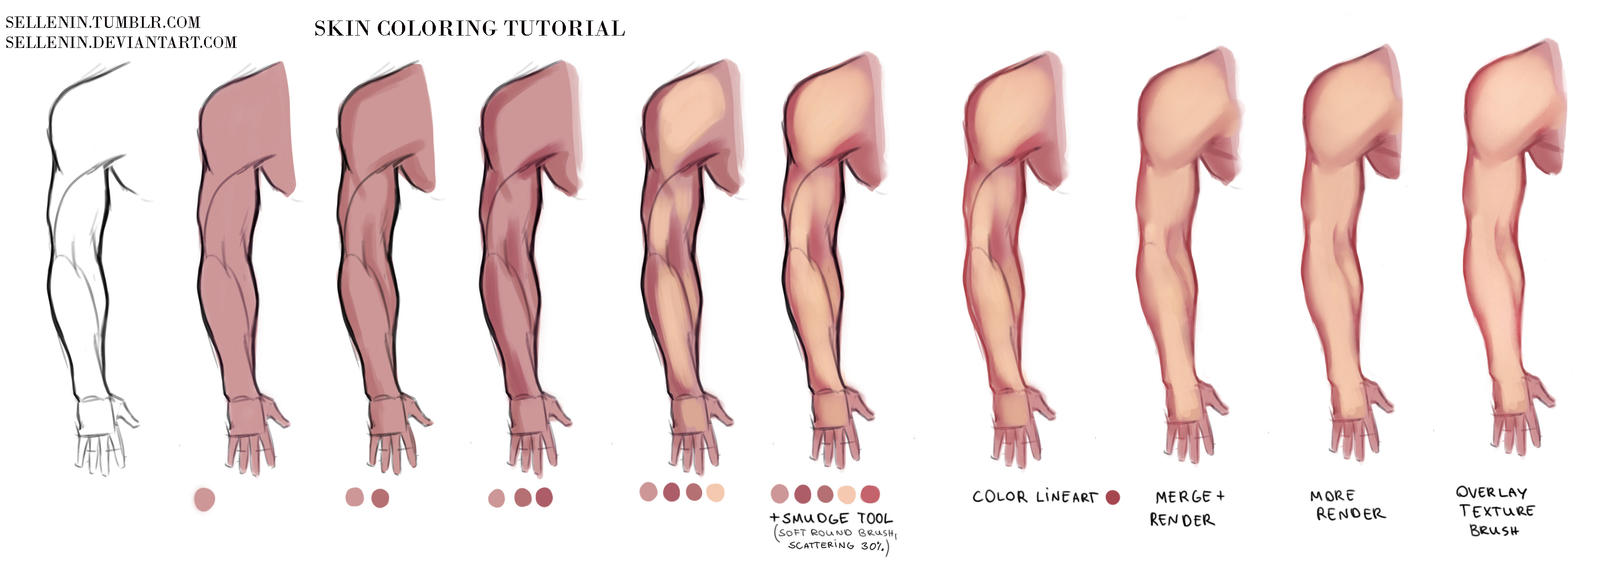 Skin coloring tutorial